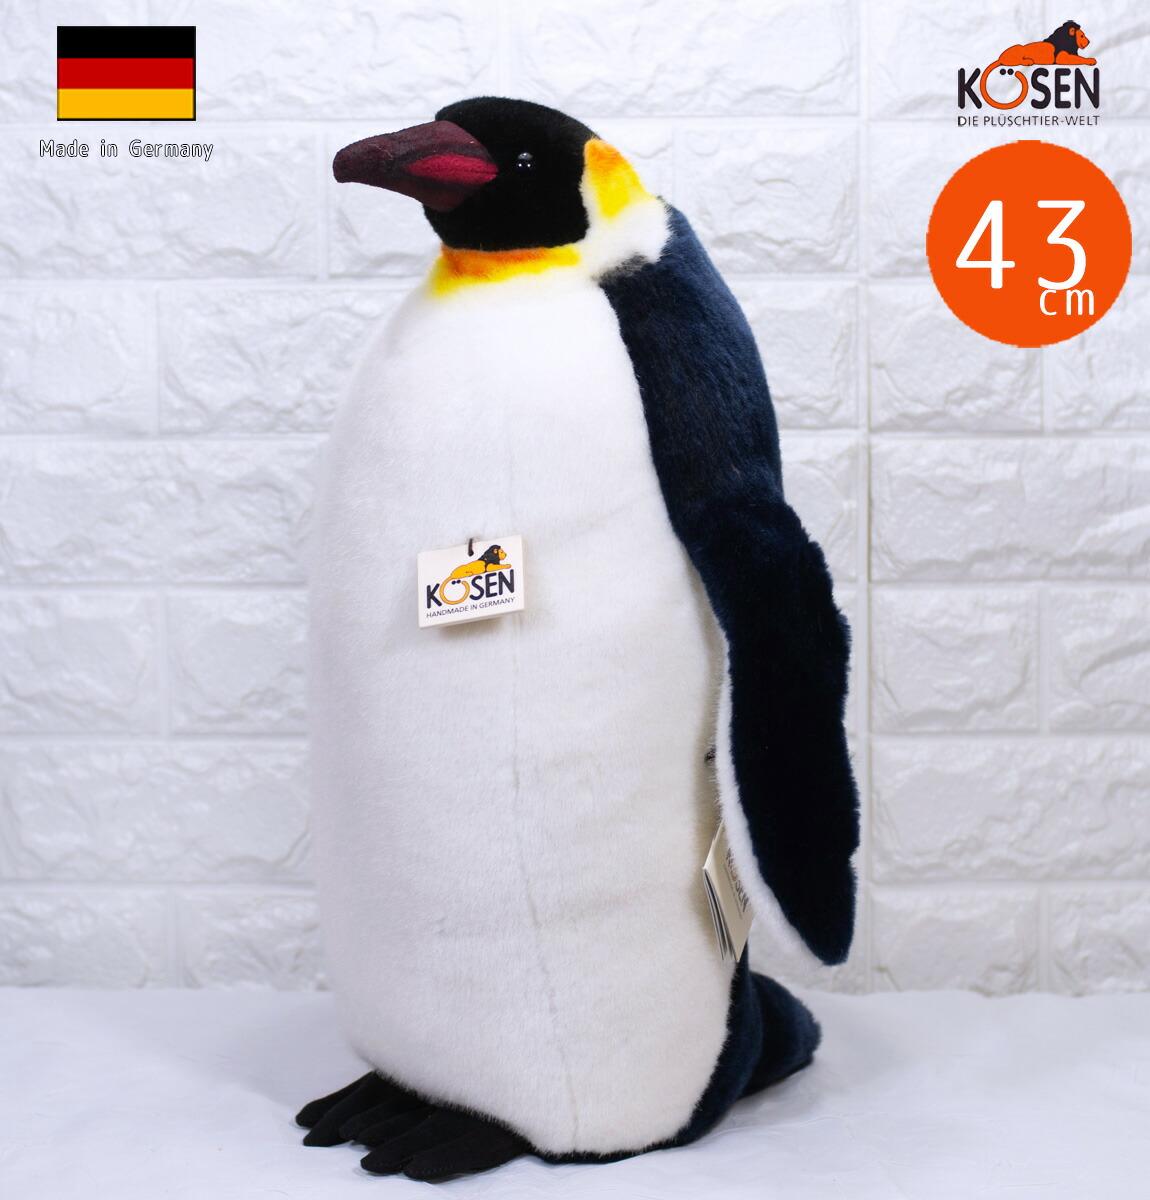 皇帝ペンギン 43cm プレゼント/リアル/動物/ギフト/子供/女の子/男の子/大人/クリスマス